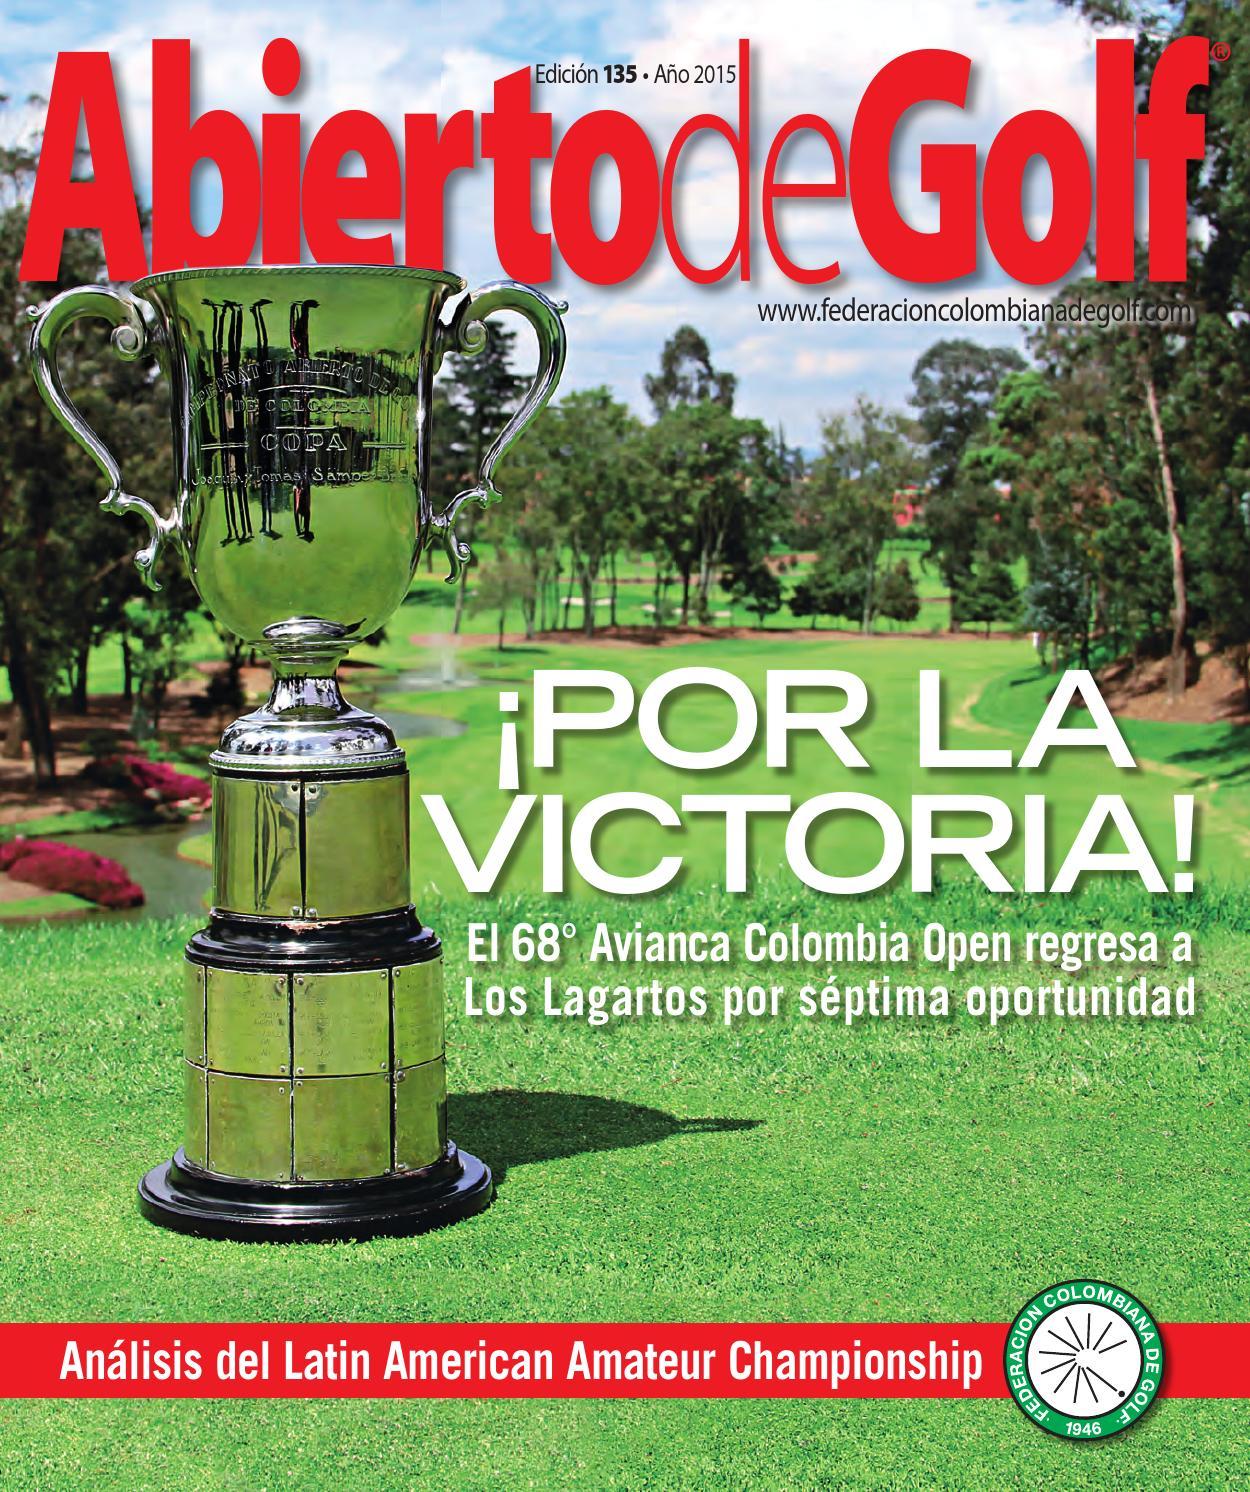 Abierto de Golf - 135 by Prensa Fedegolf - issuu